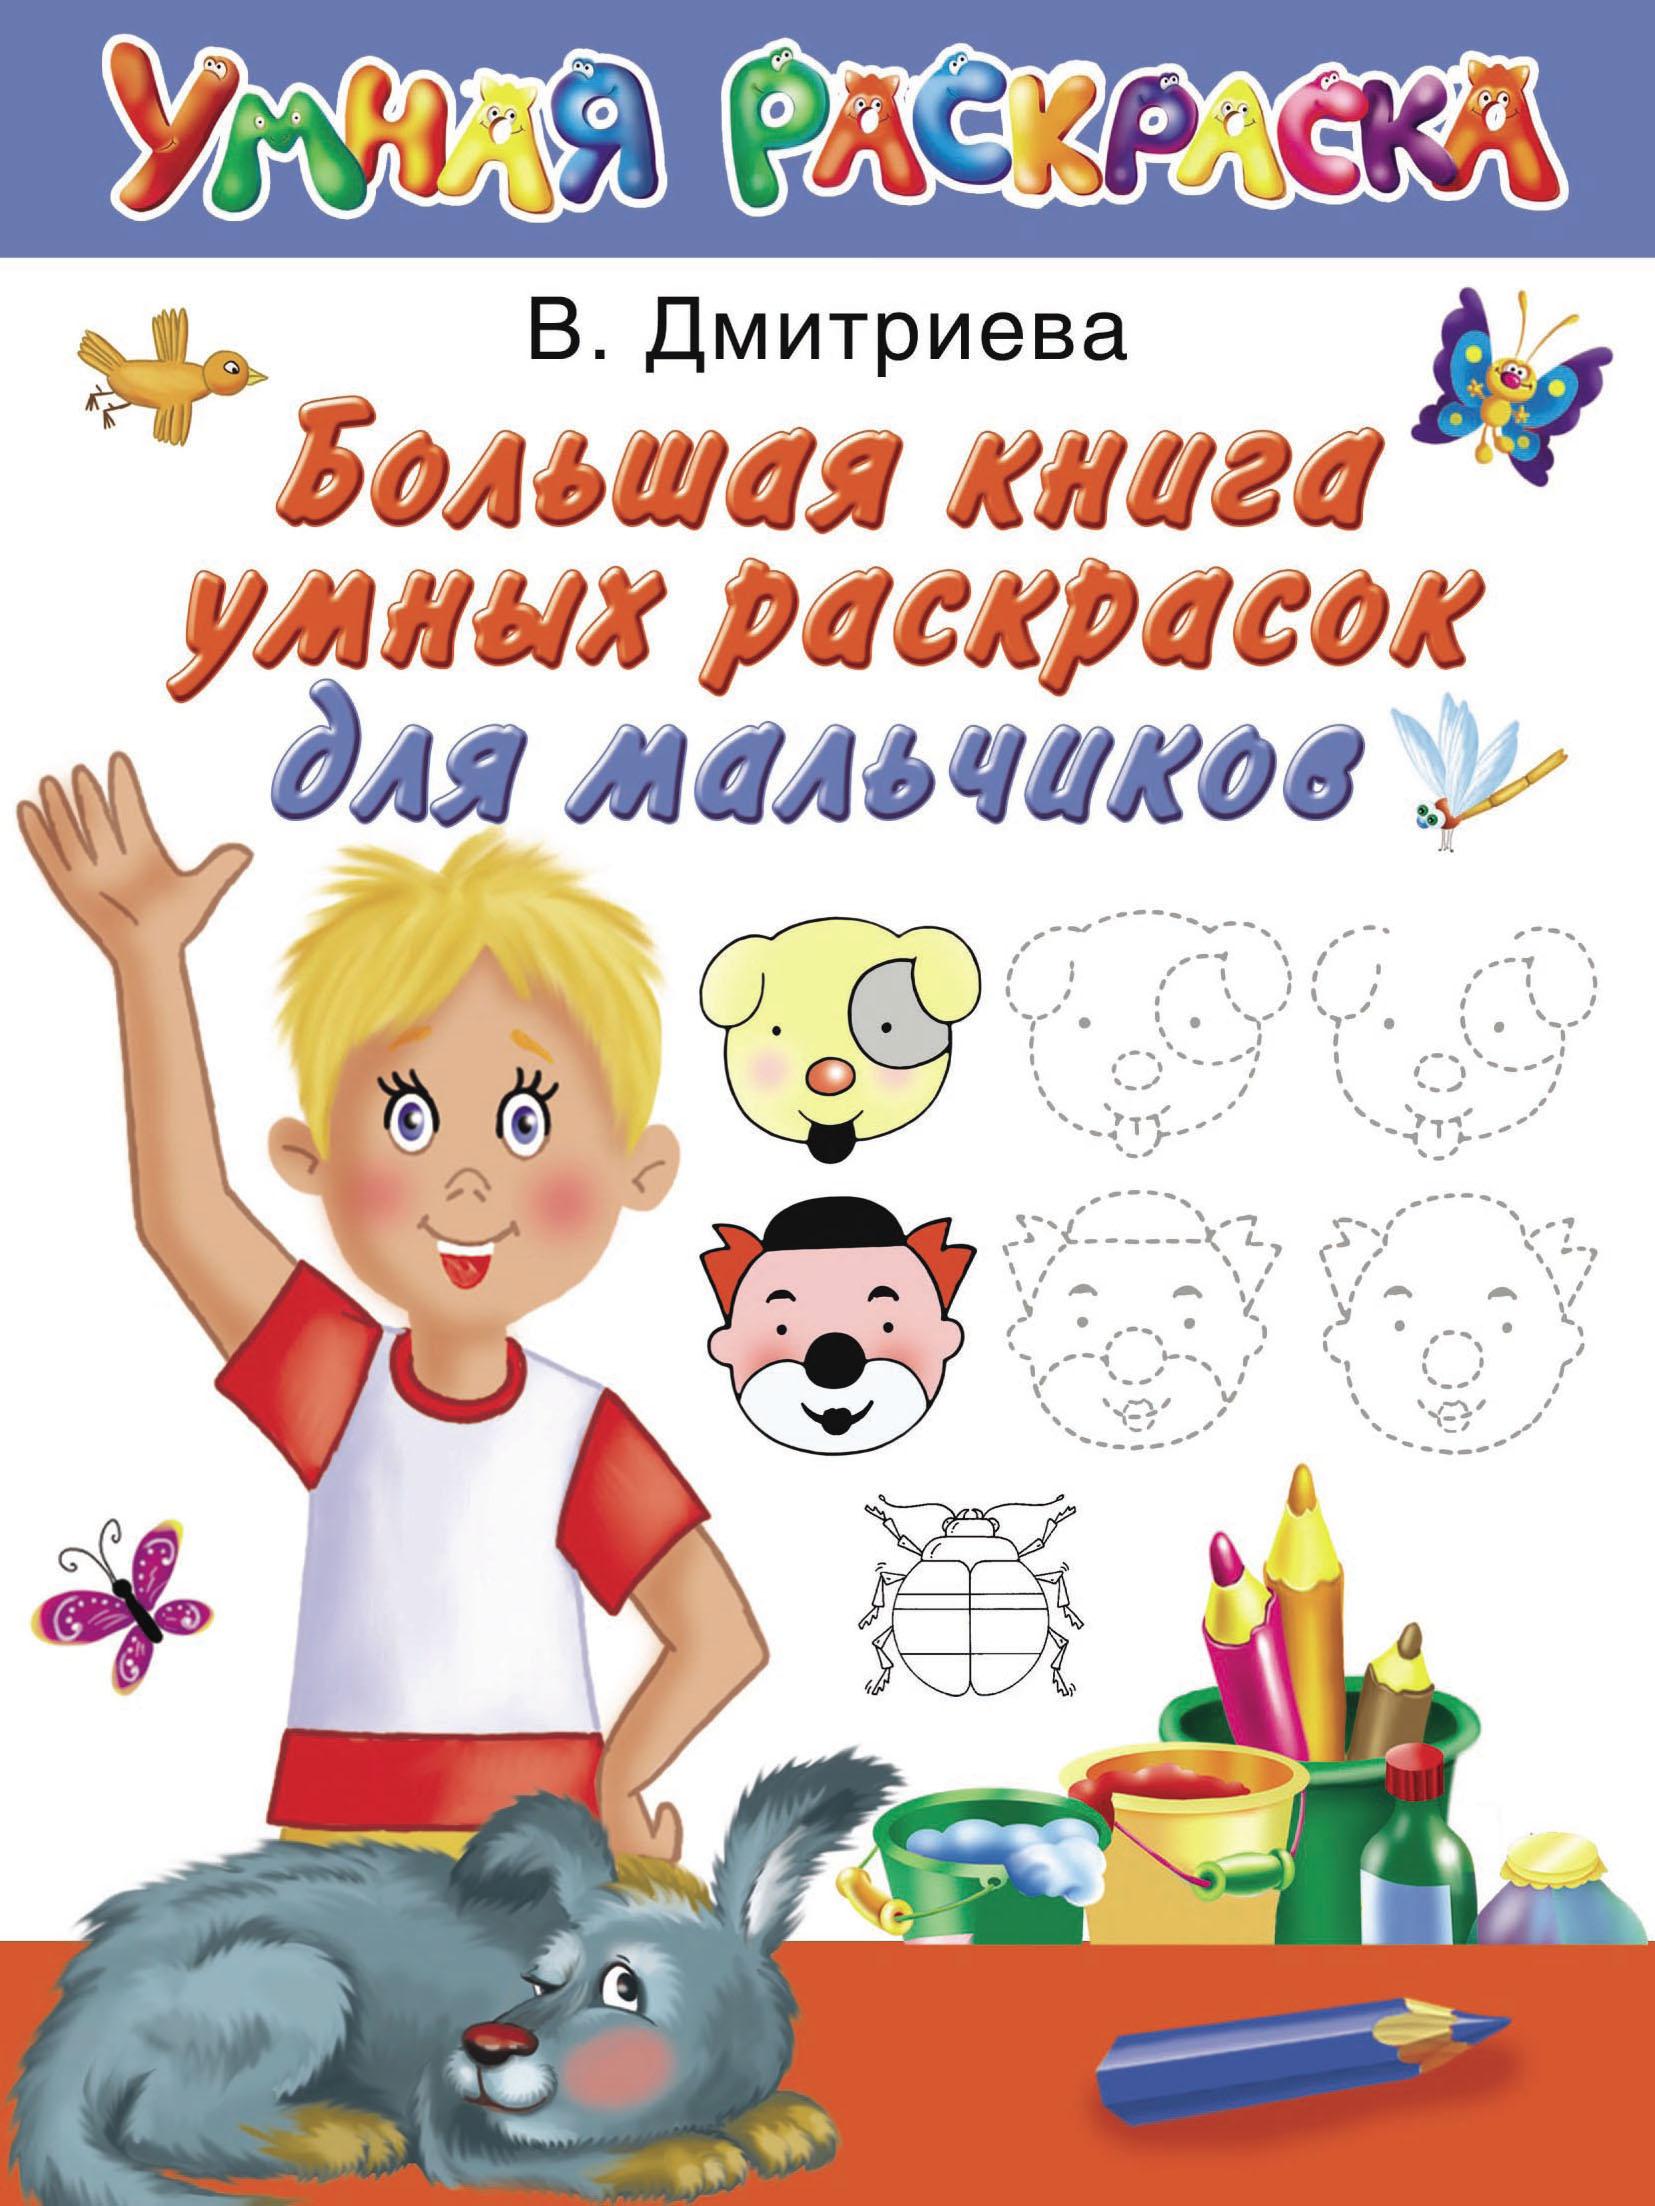 В. Г. Дмитриева Большая книга умных раскрасок для мальчиков